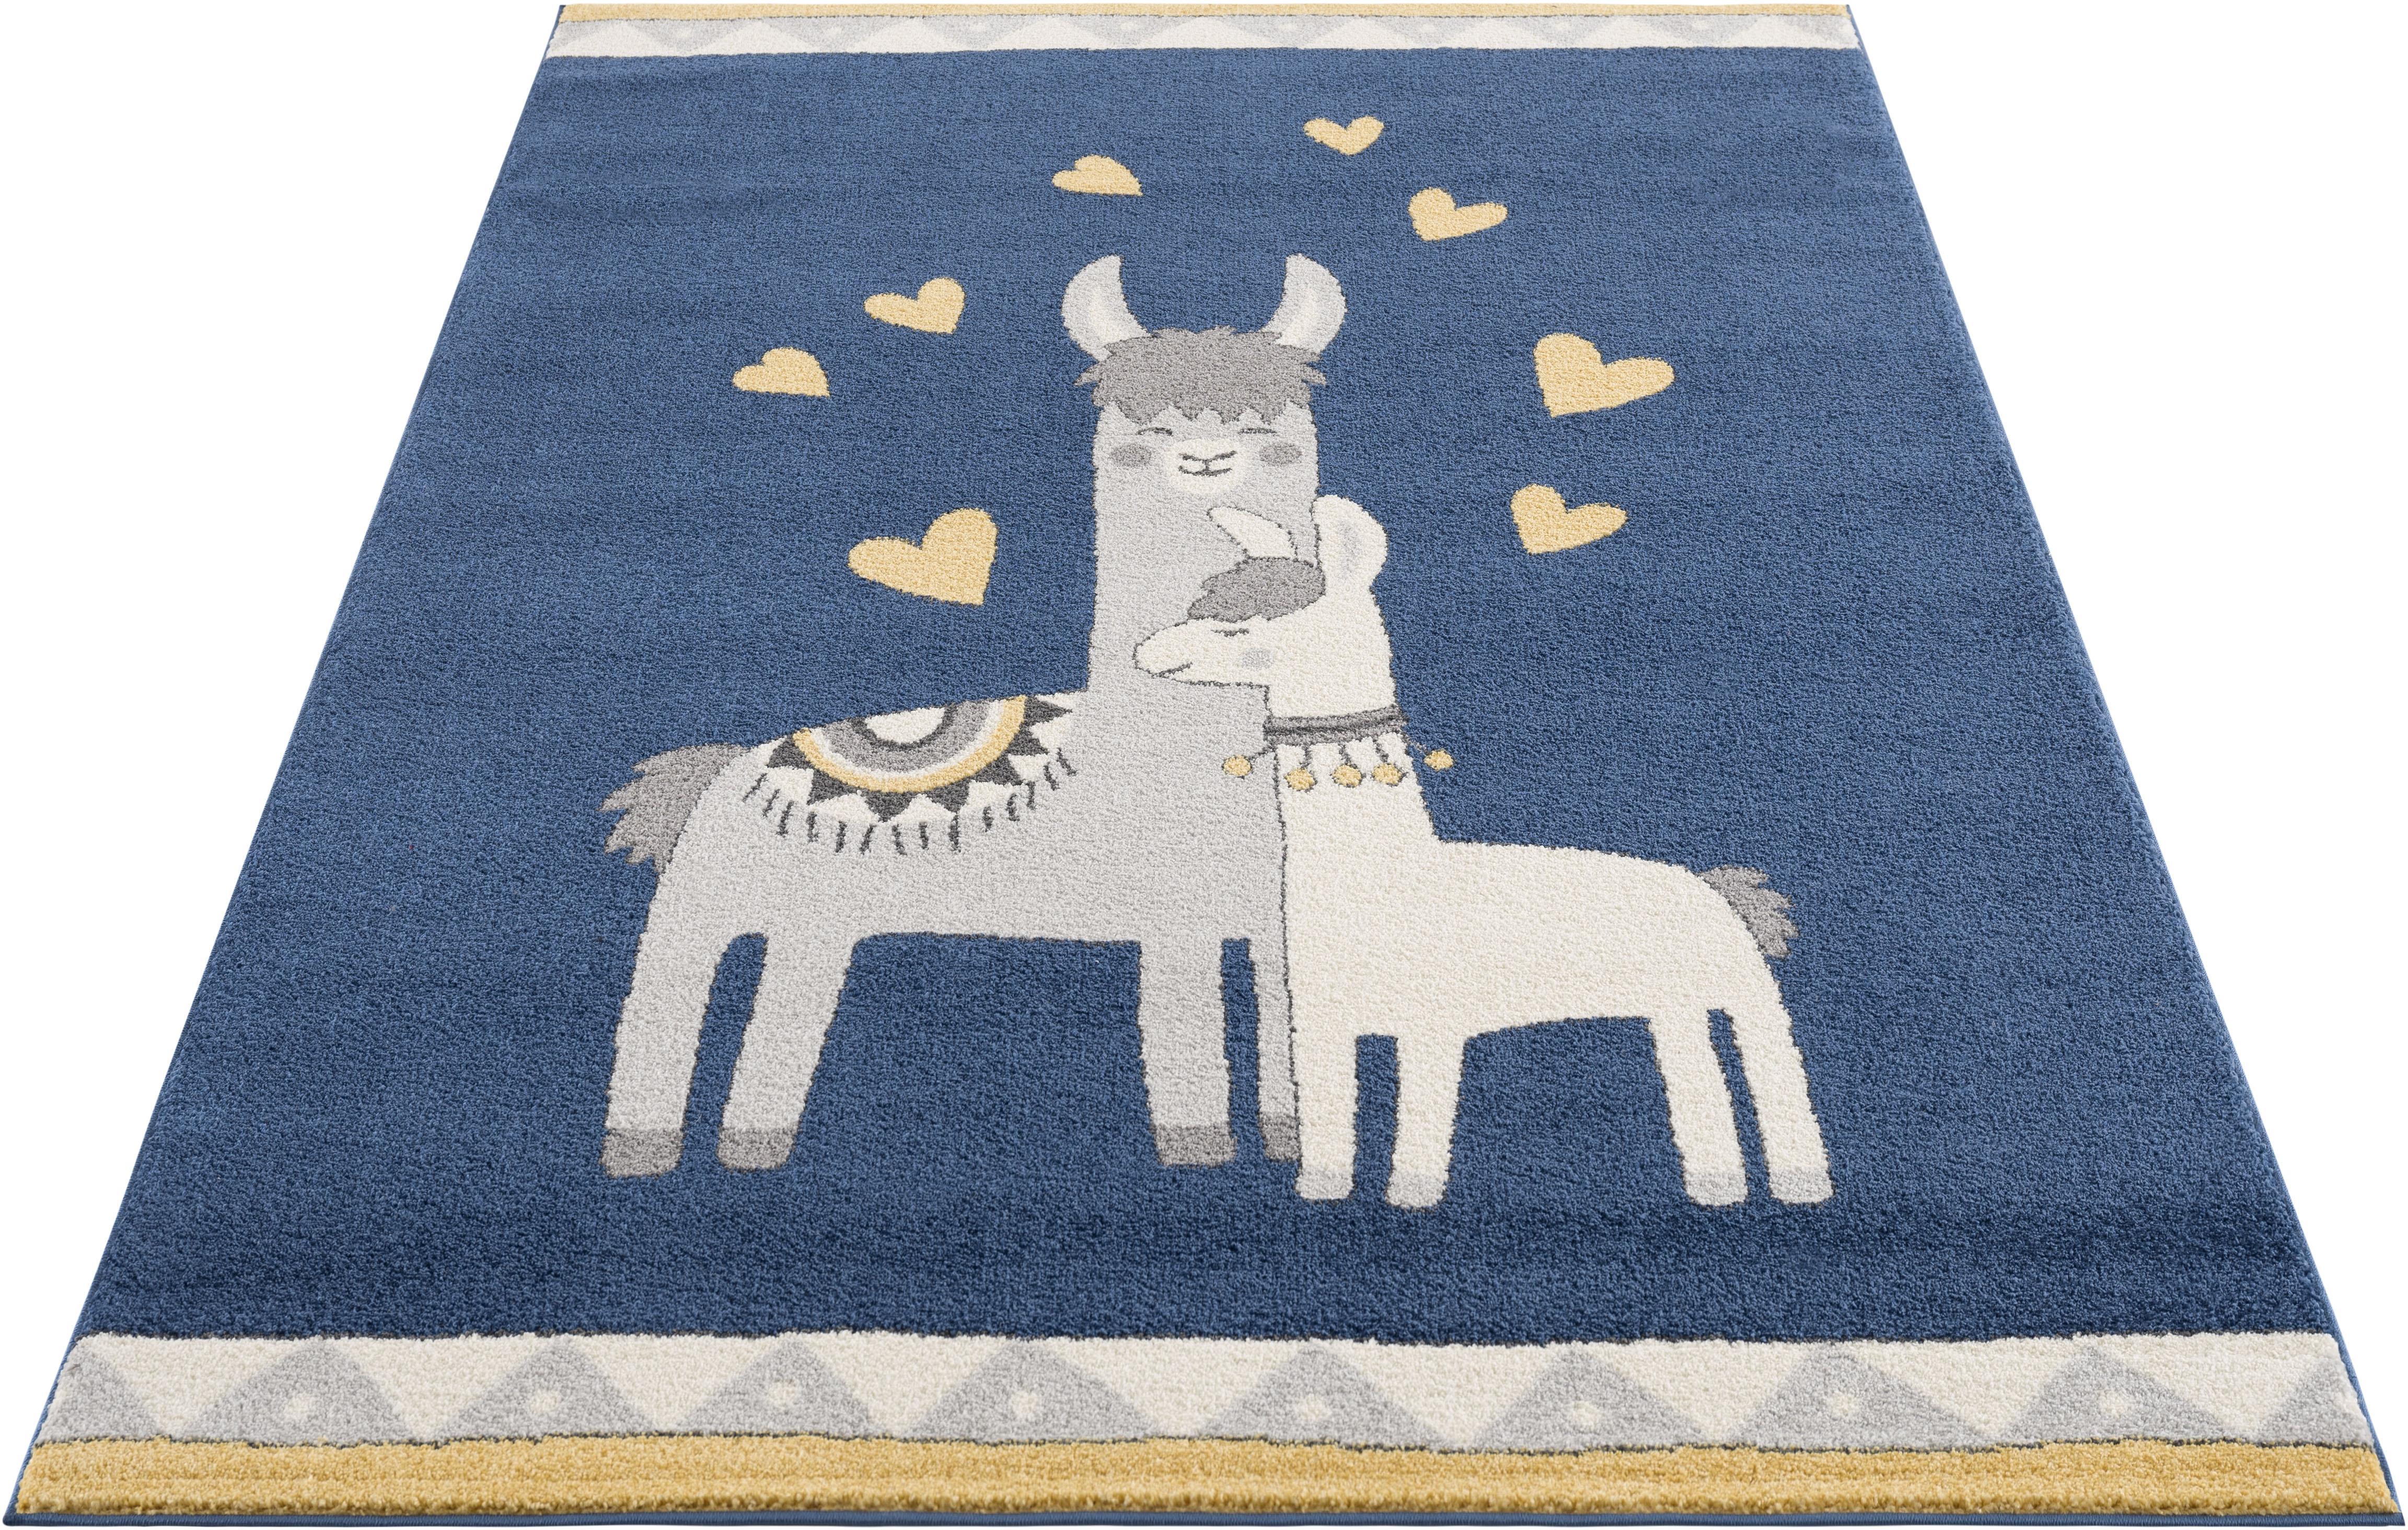 Kinderteppich, Lamas, Lüttenhütt, rechteckig, Höhe 14 mm, maschinell gewebt | Kinderzimmer | Lüttenhütt